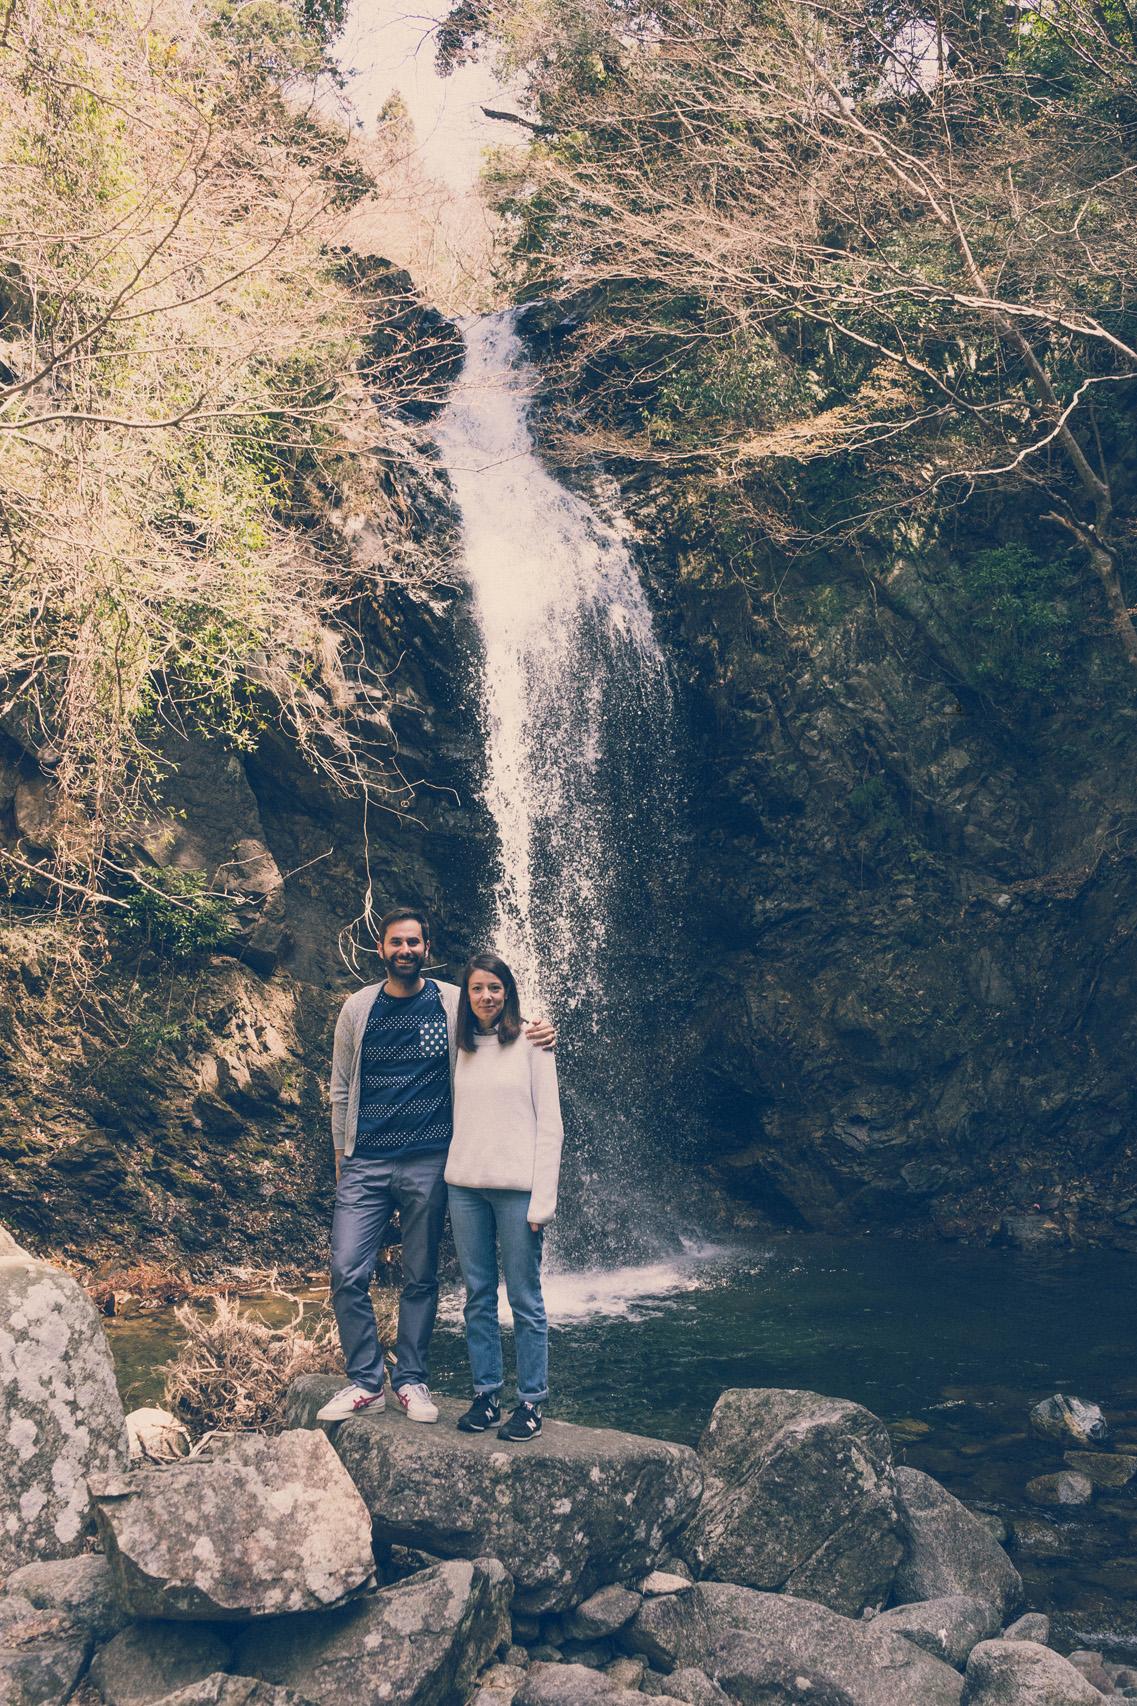 At a waterfall near Iga, Japan